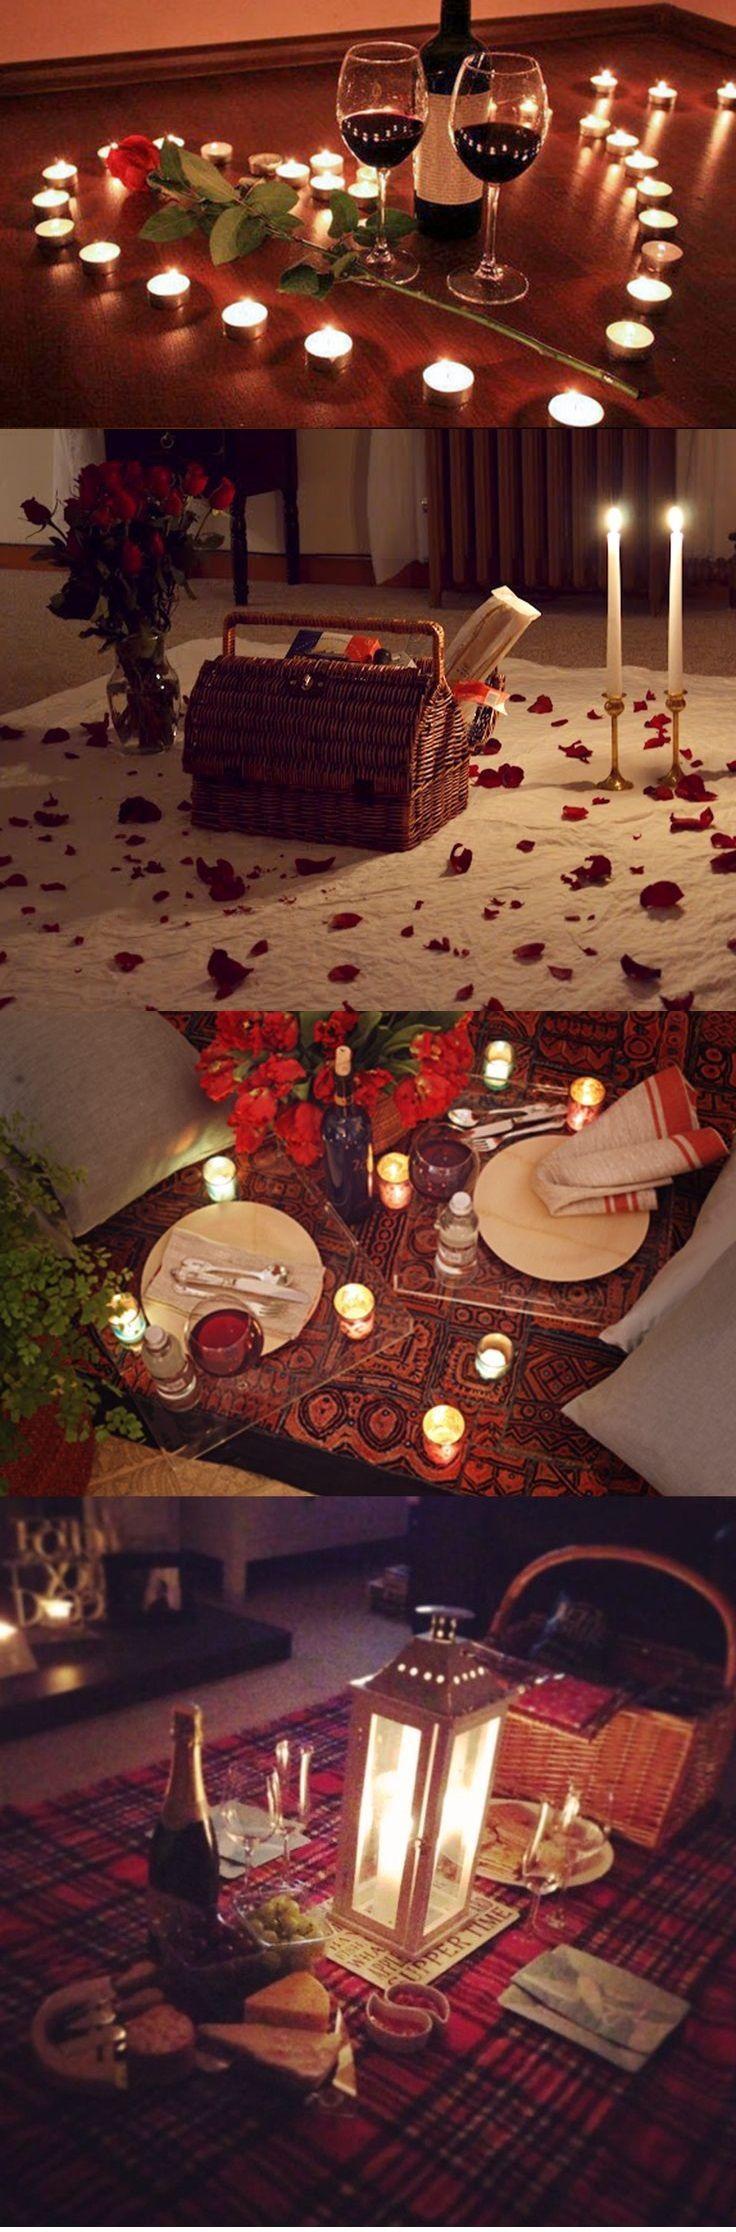 Estas ideas de cenas románticas son ideales para celebrar #SanValentín. ¡No te las pierdas! | Ideas para el 14 de febrero | Recetas románticas para San Valentín. | Cenas románticas en casa.